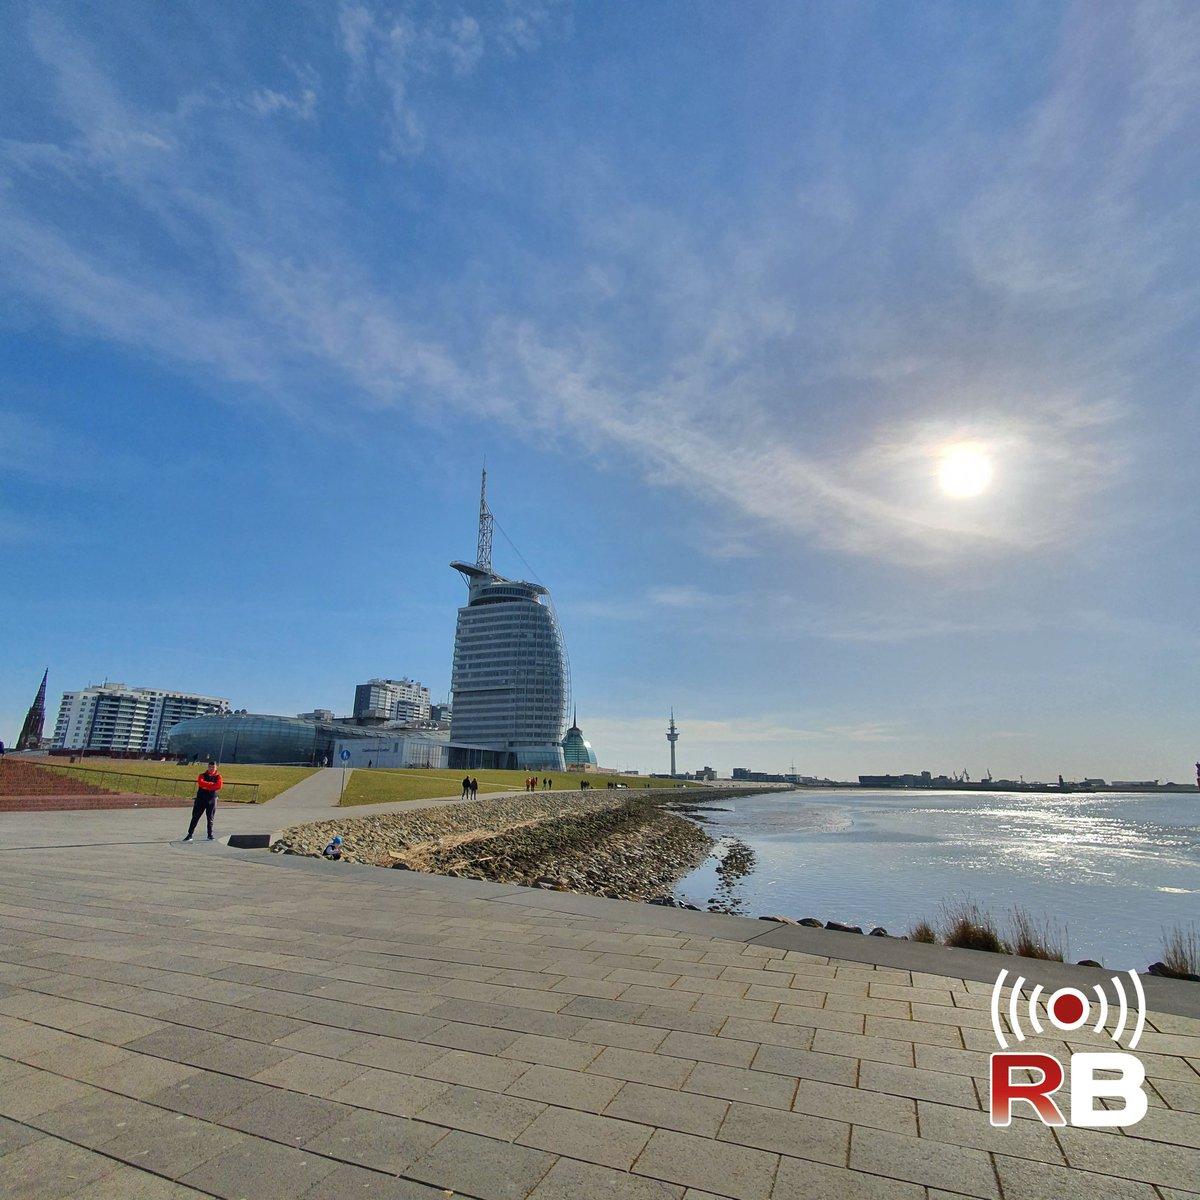 Die Kolleginnen und Kollegen von bremenports im Head Office im #SailCity hatten an dem Tag sicherlich eine tolle Aussicht!  #Hafen #Bremen #Bremerhaven